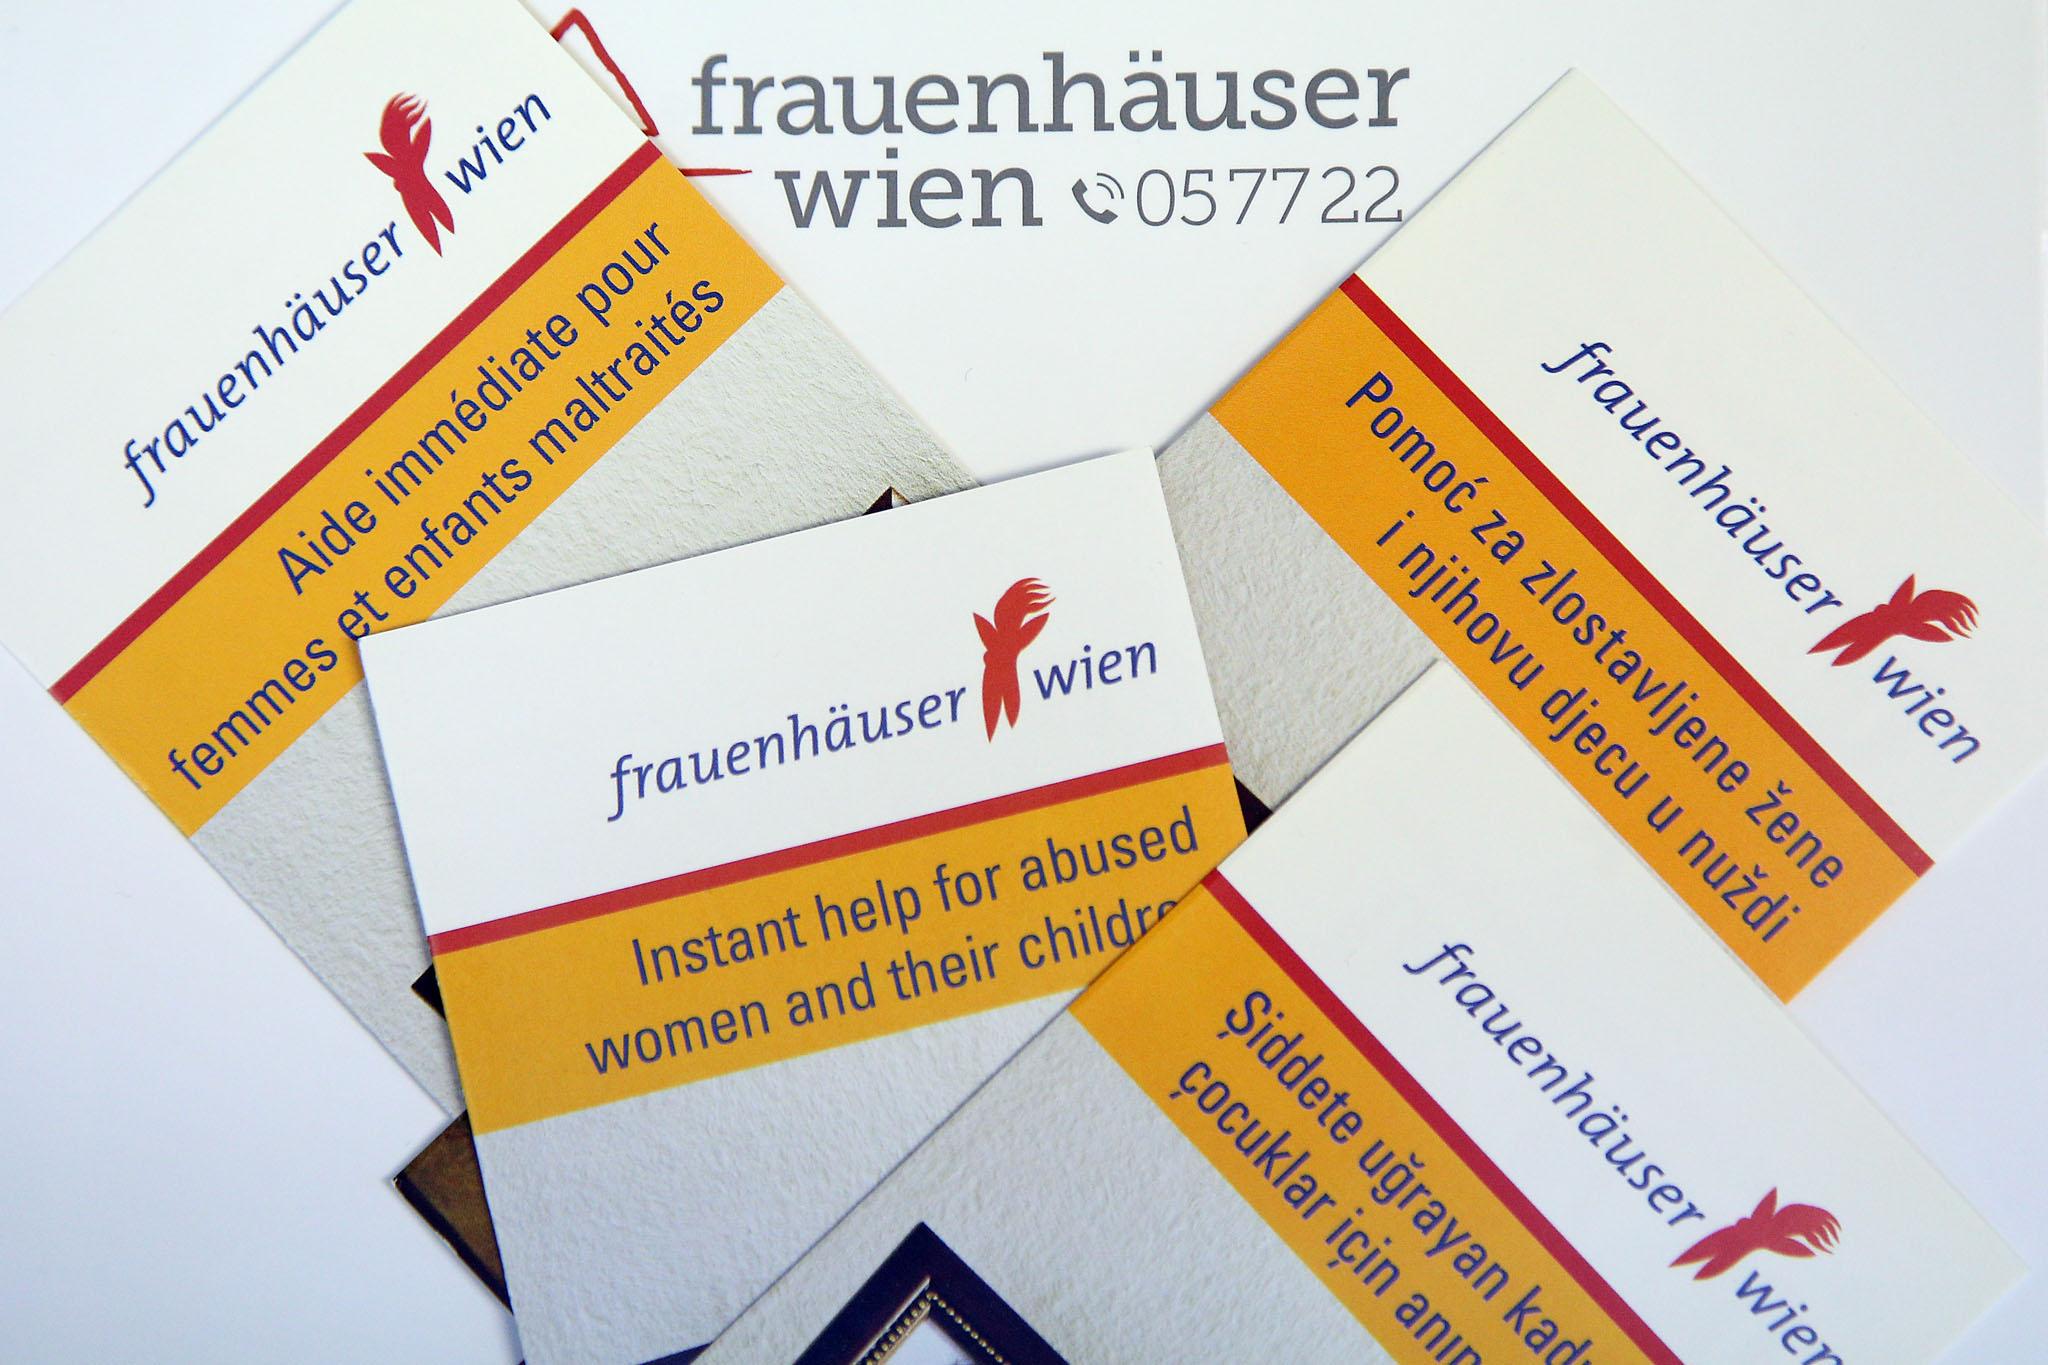 Austrijska prijestolnica ulaže u borbu protiv nasilja